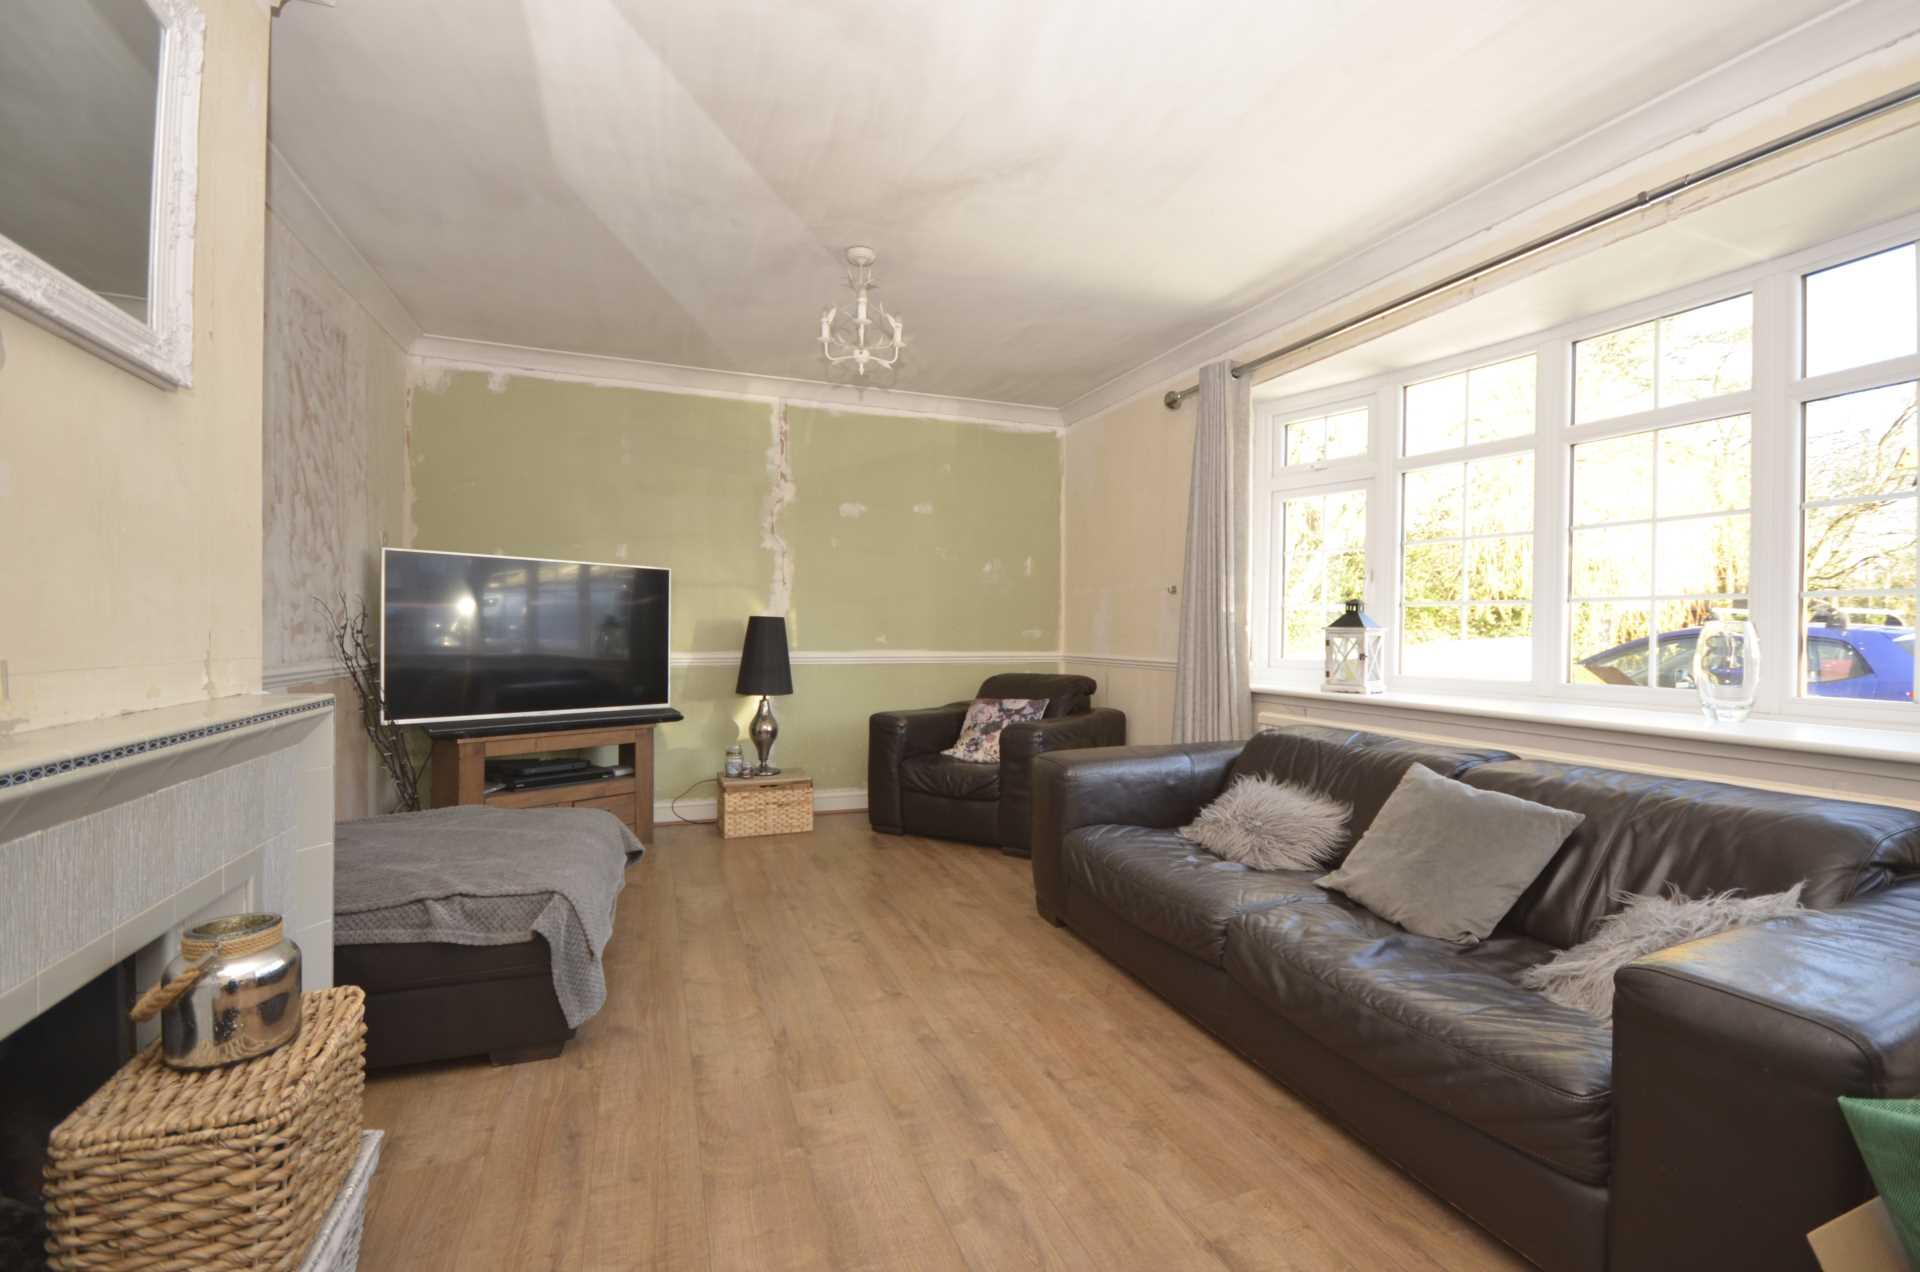 Park Lane, Ramsden Heath, Billericay, Image 2